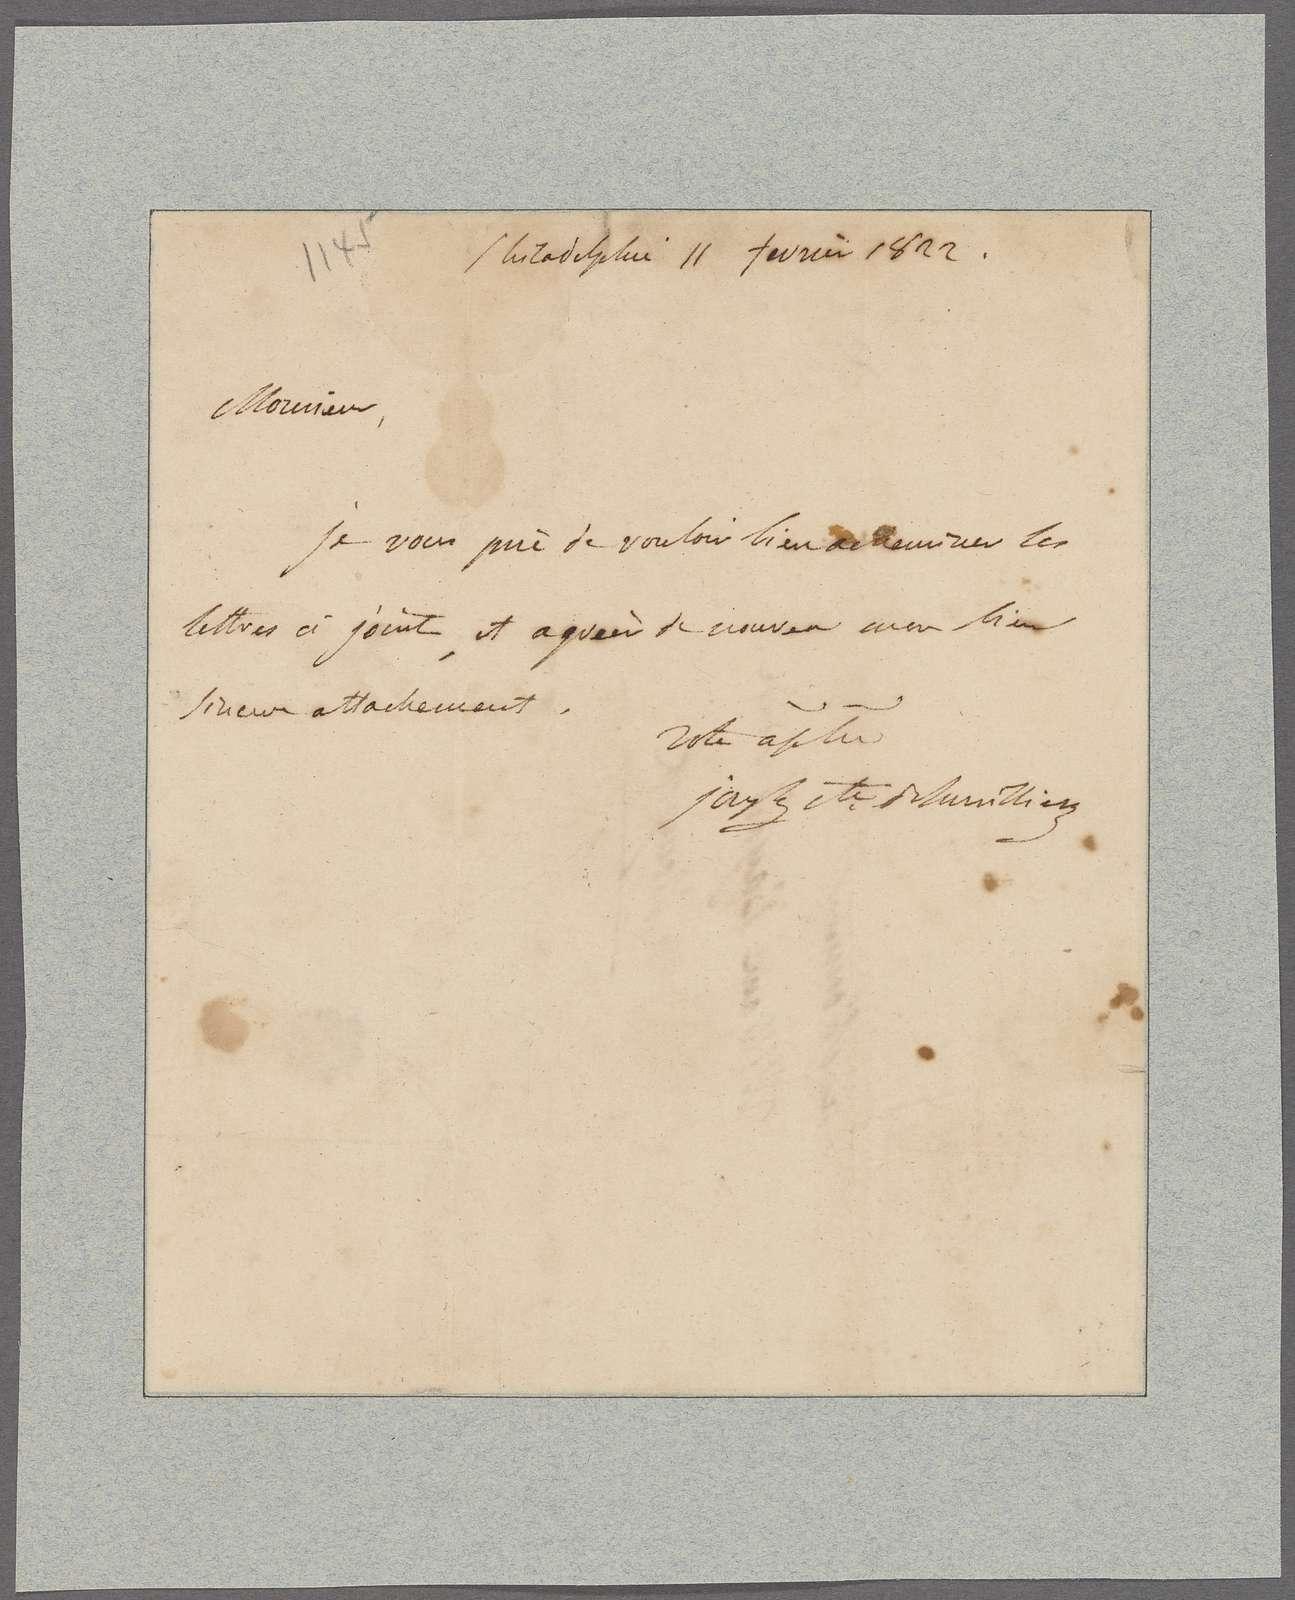 Bonaparte, Joseph. Philadelphia. To William Bayard, Jr